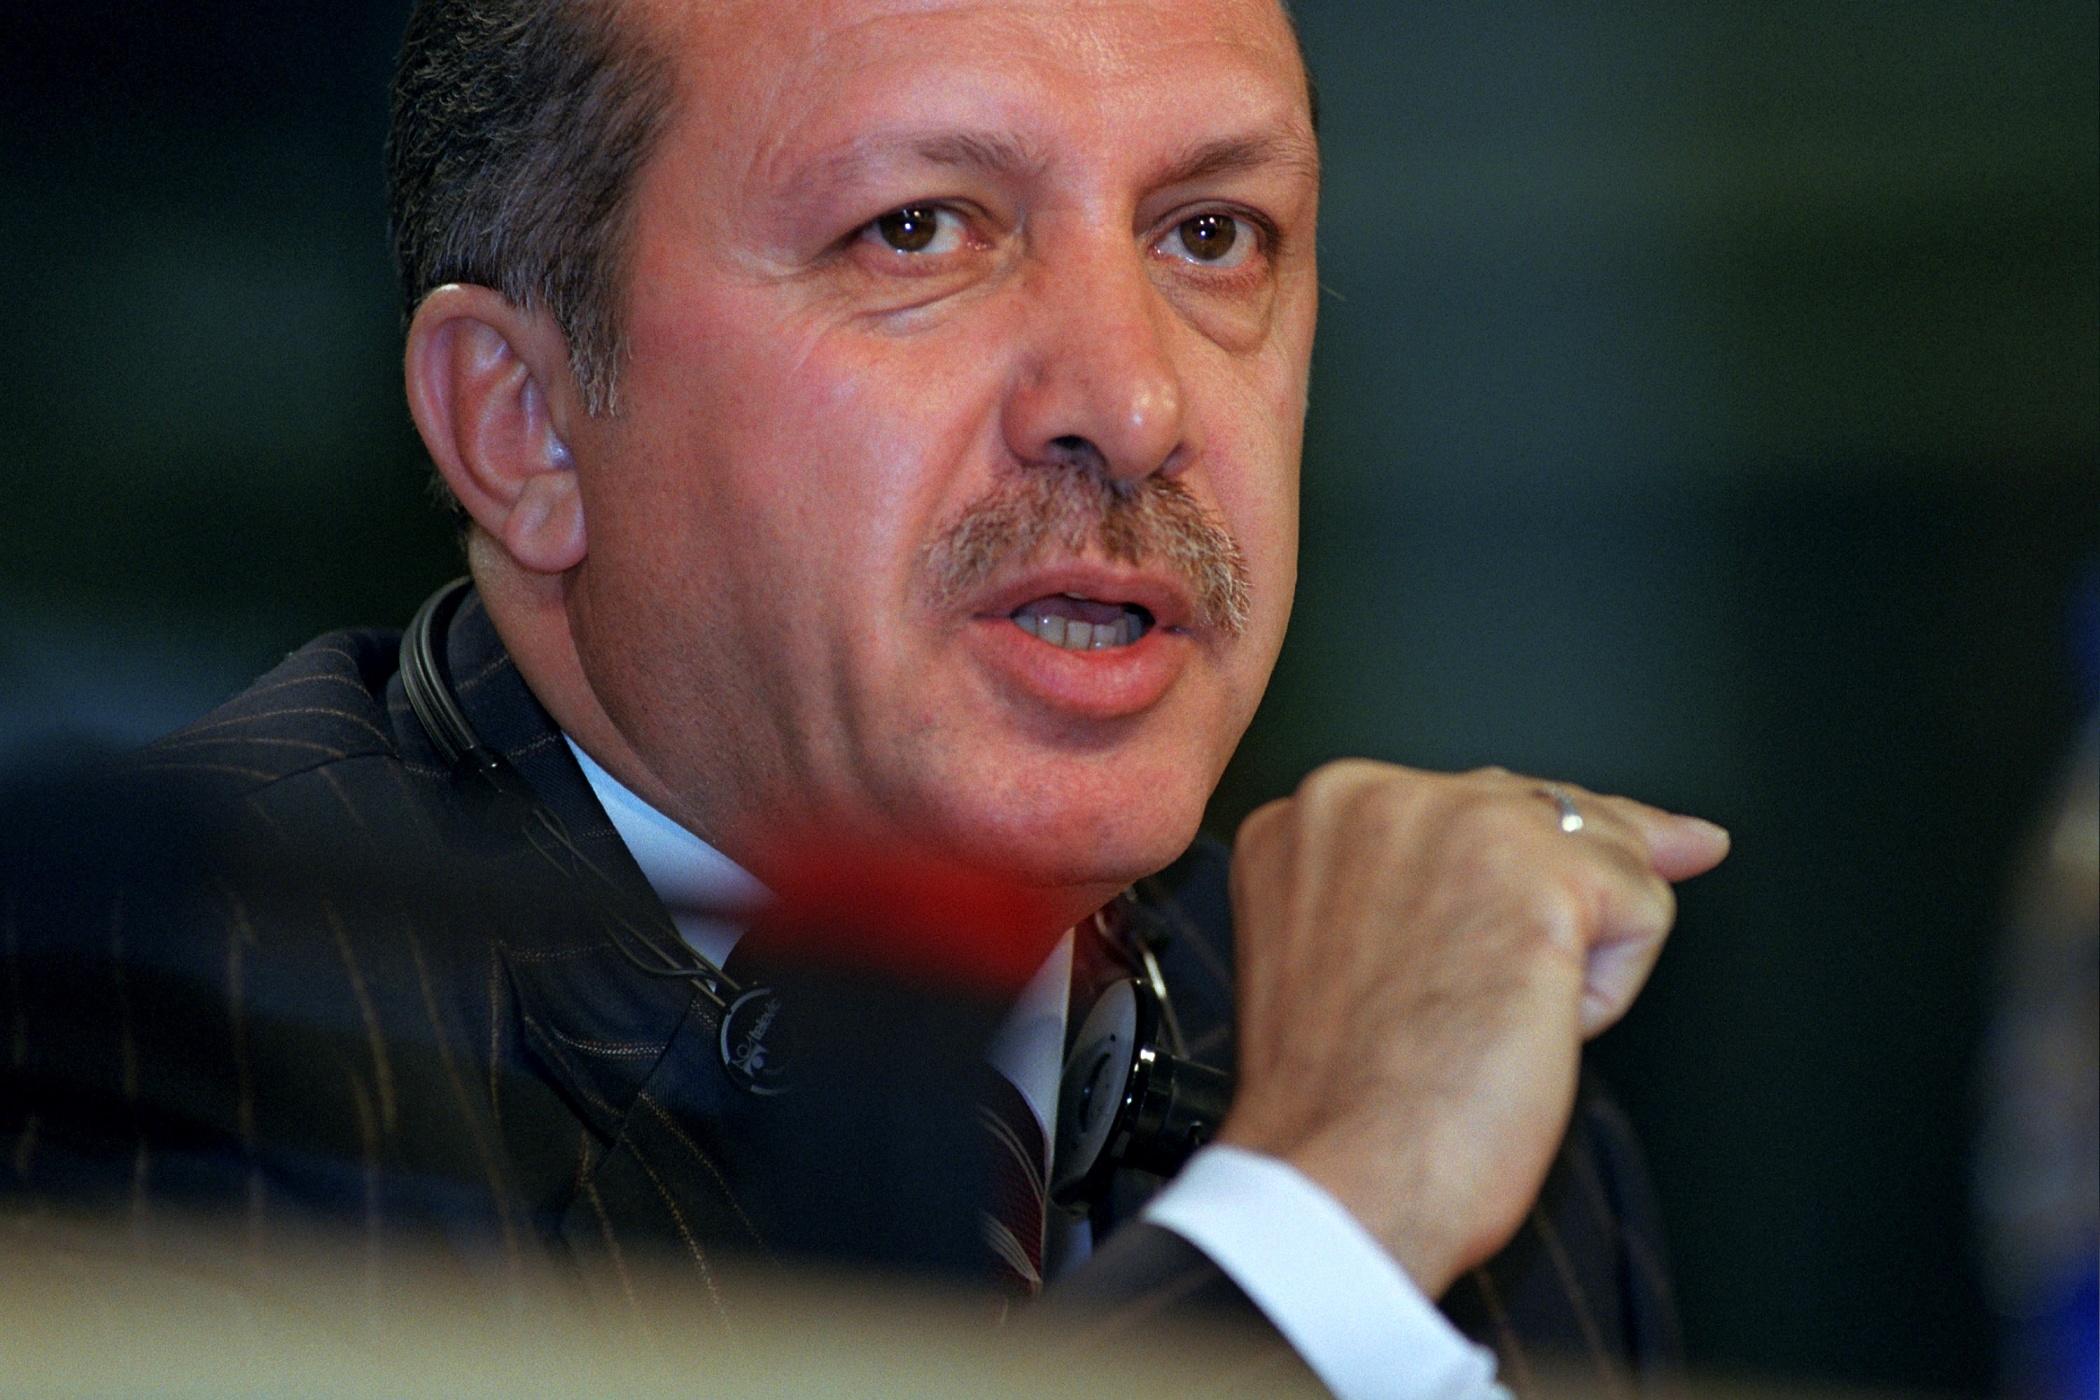 Okolo tureckého premiéra Recepa Tayyipa Erdogana je v posledních několika měsících rušno